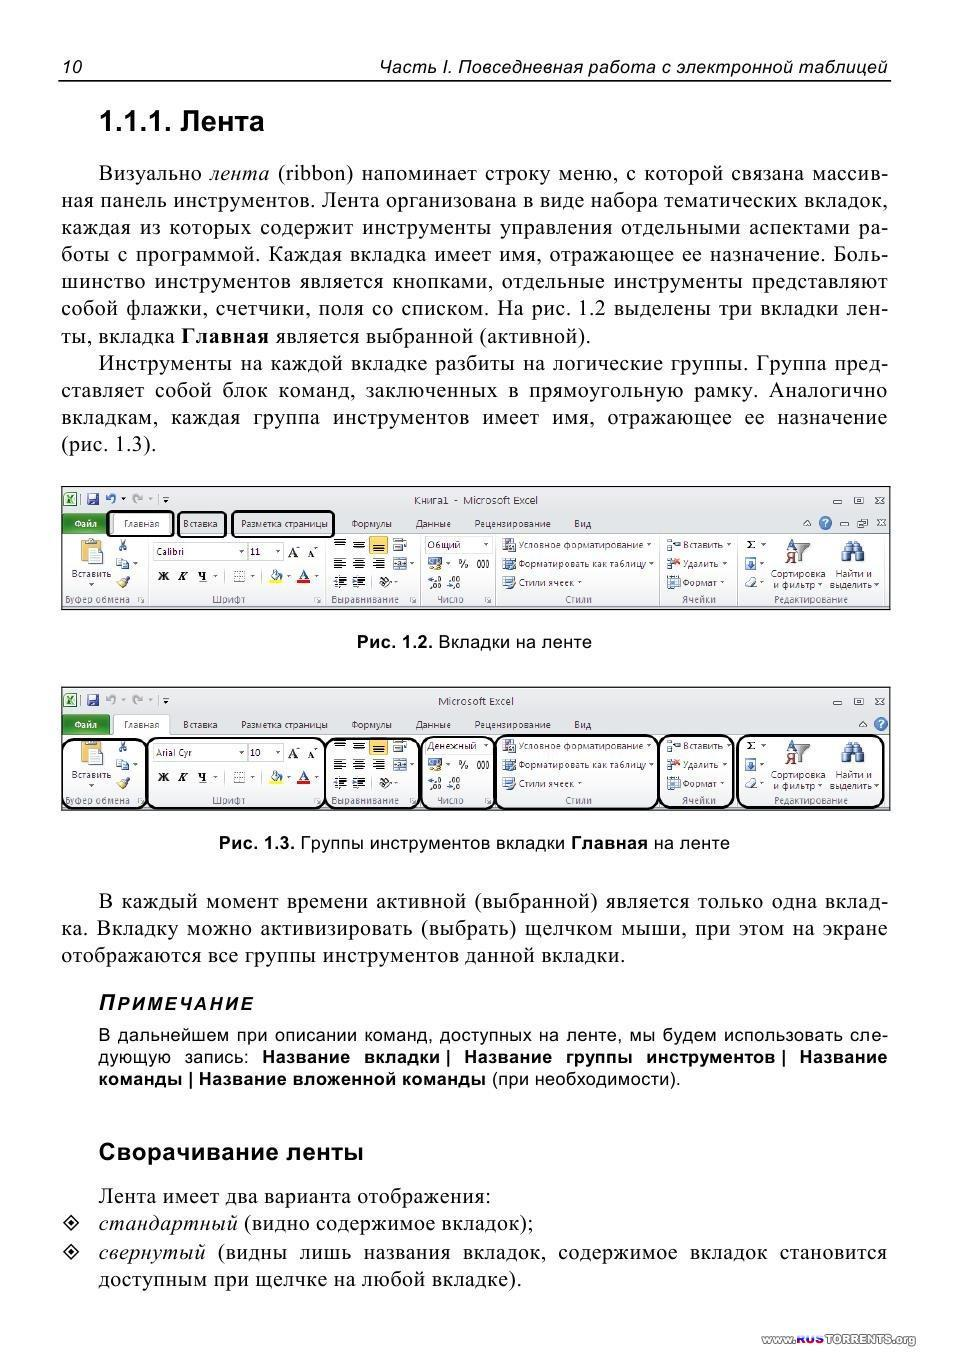 Виктор Долженков, Александр Стученков - Самоучитель Excel 2010 | PDF